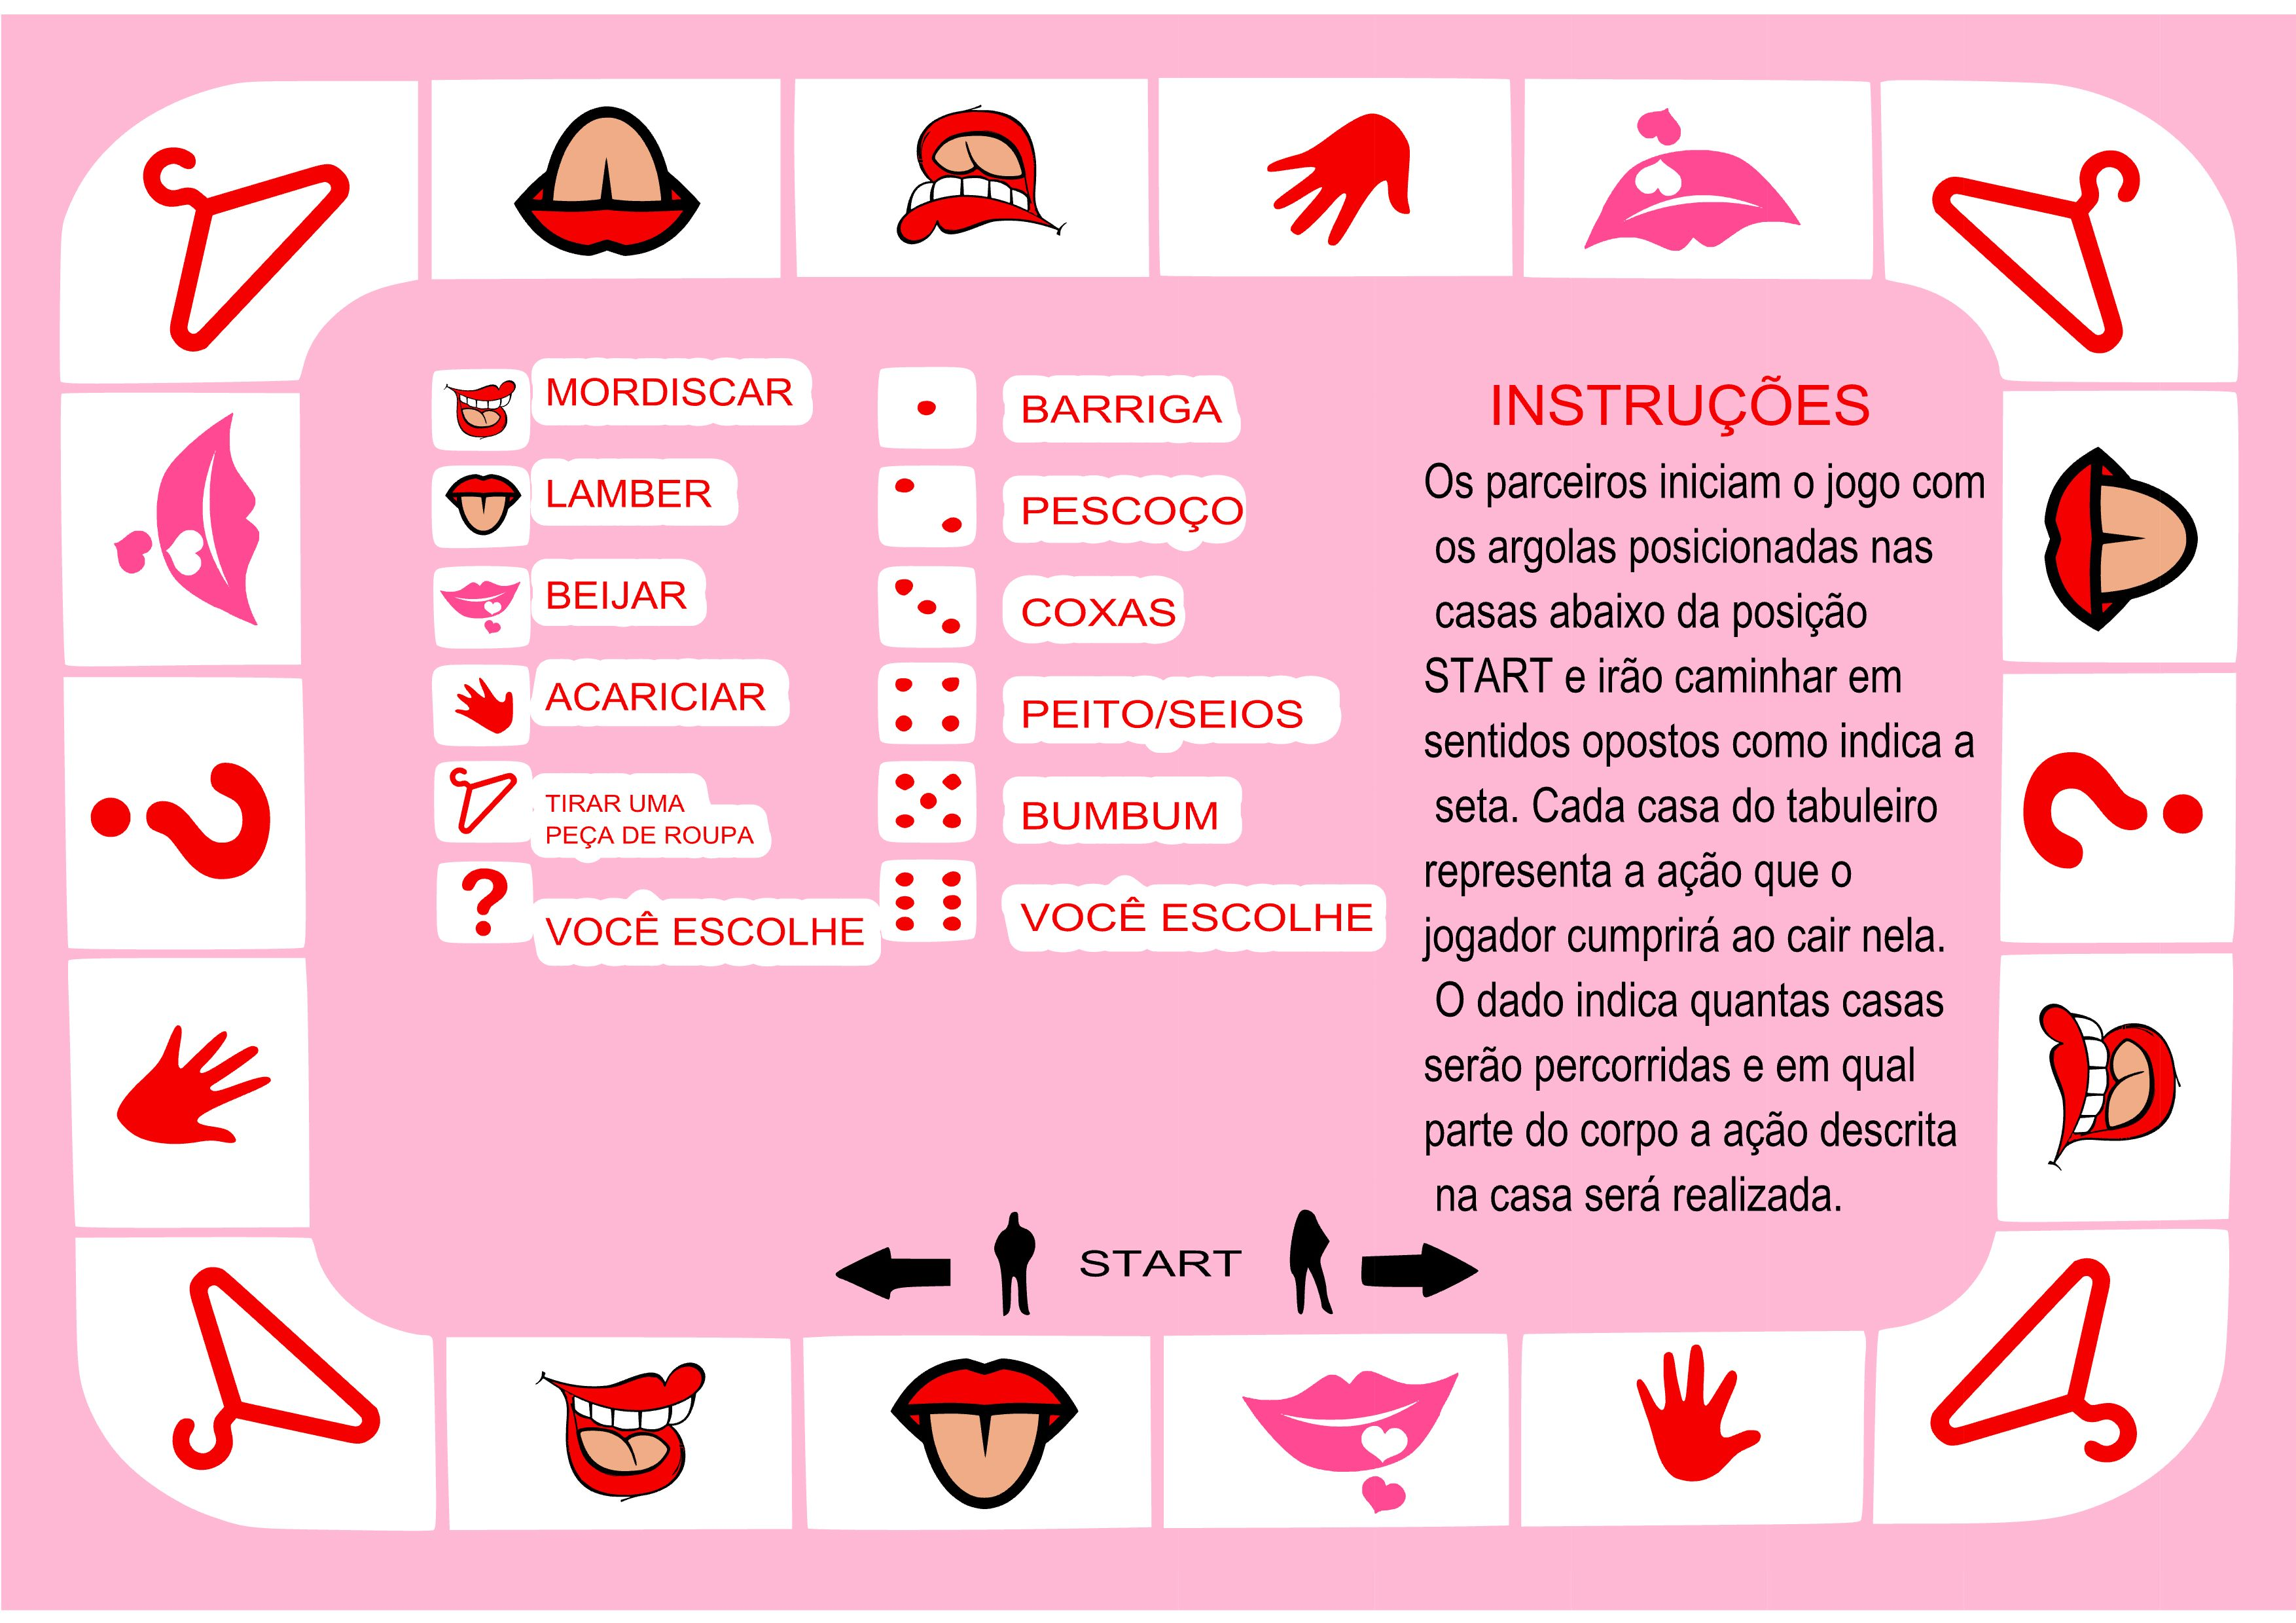 Jogo Namorados Jogos Para O Dia Dos Namorados Jogos Para Namorados Decoracao Chuva De Amor